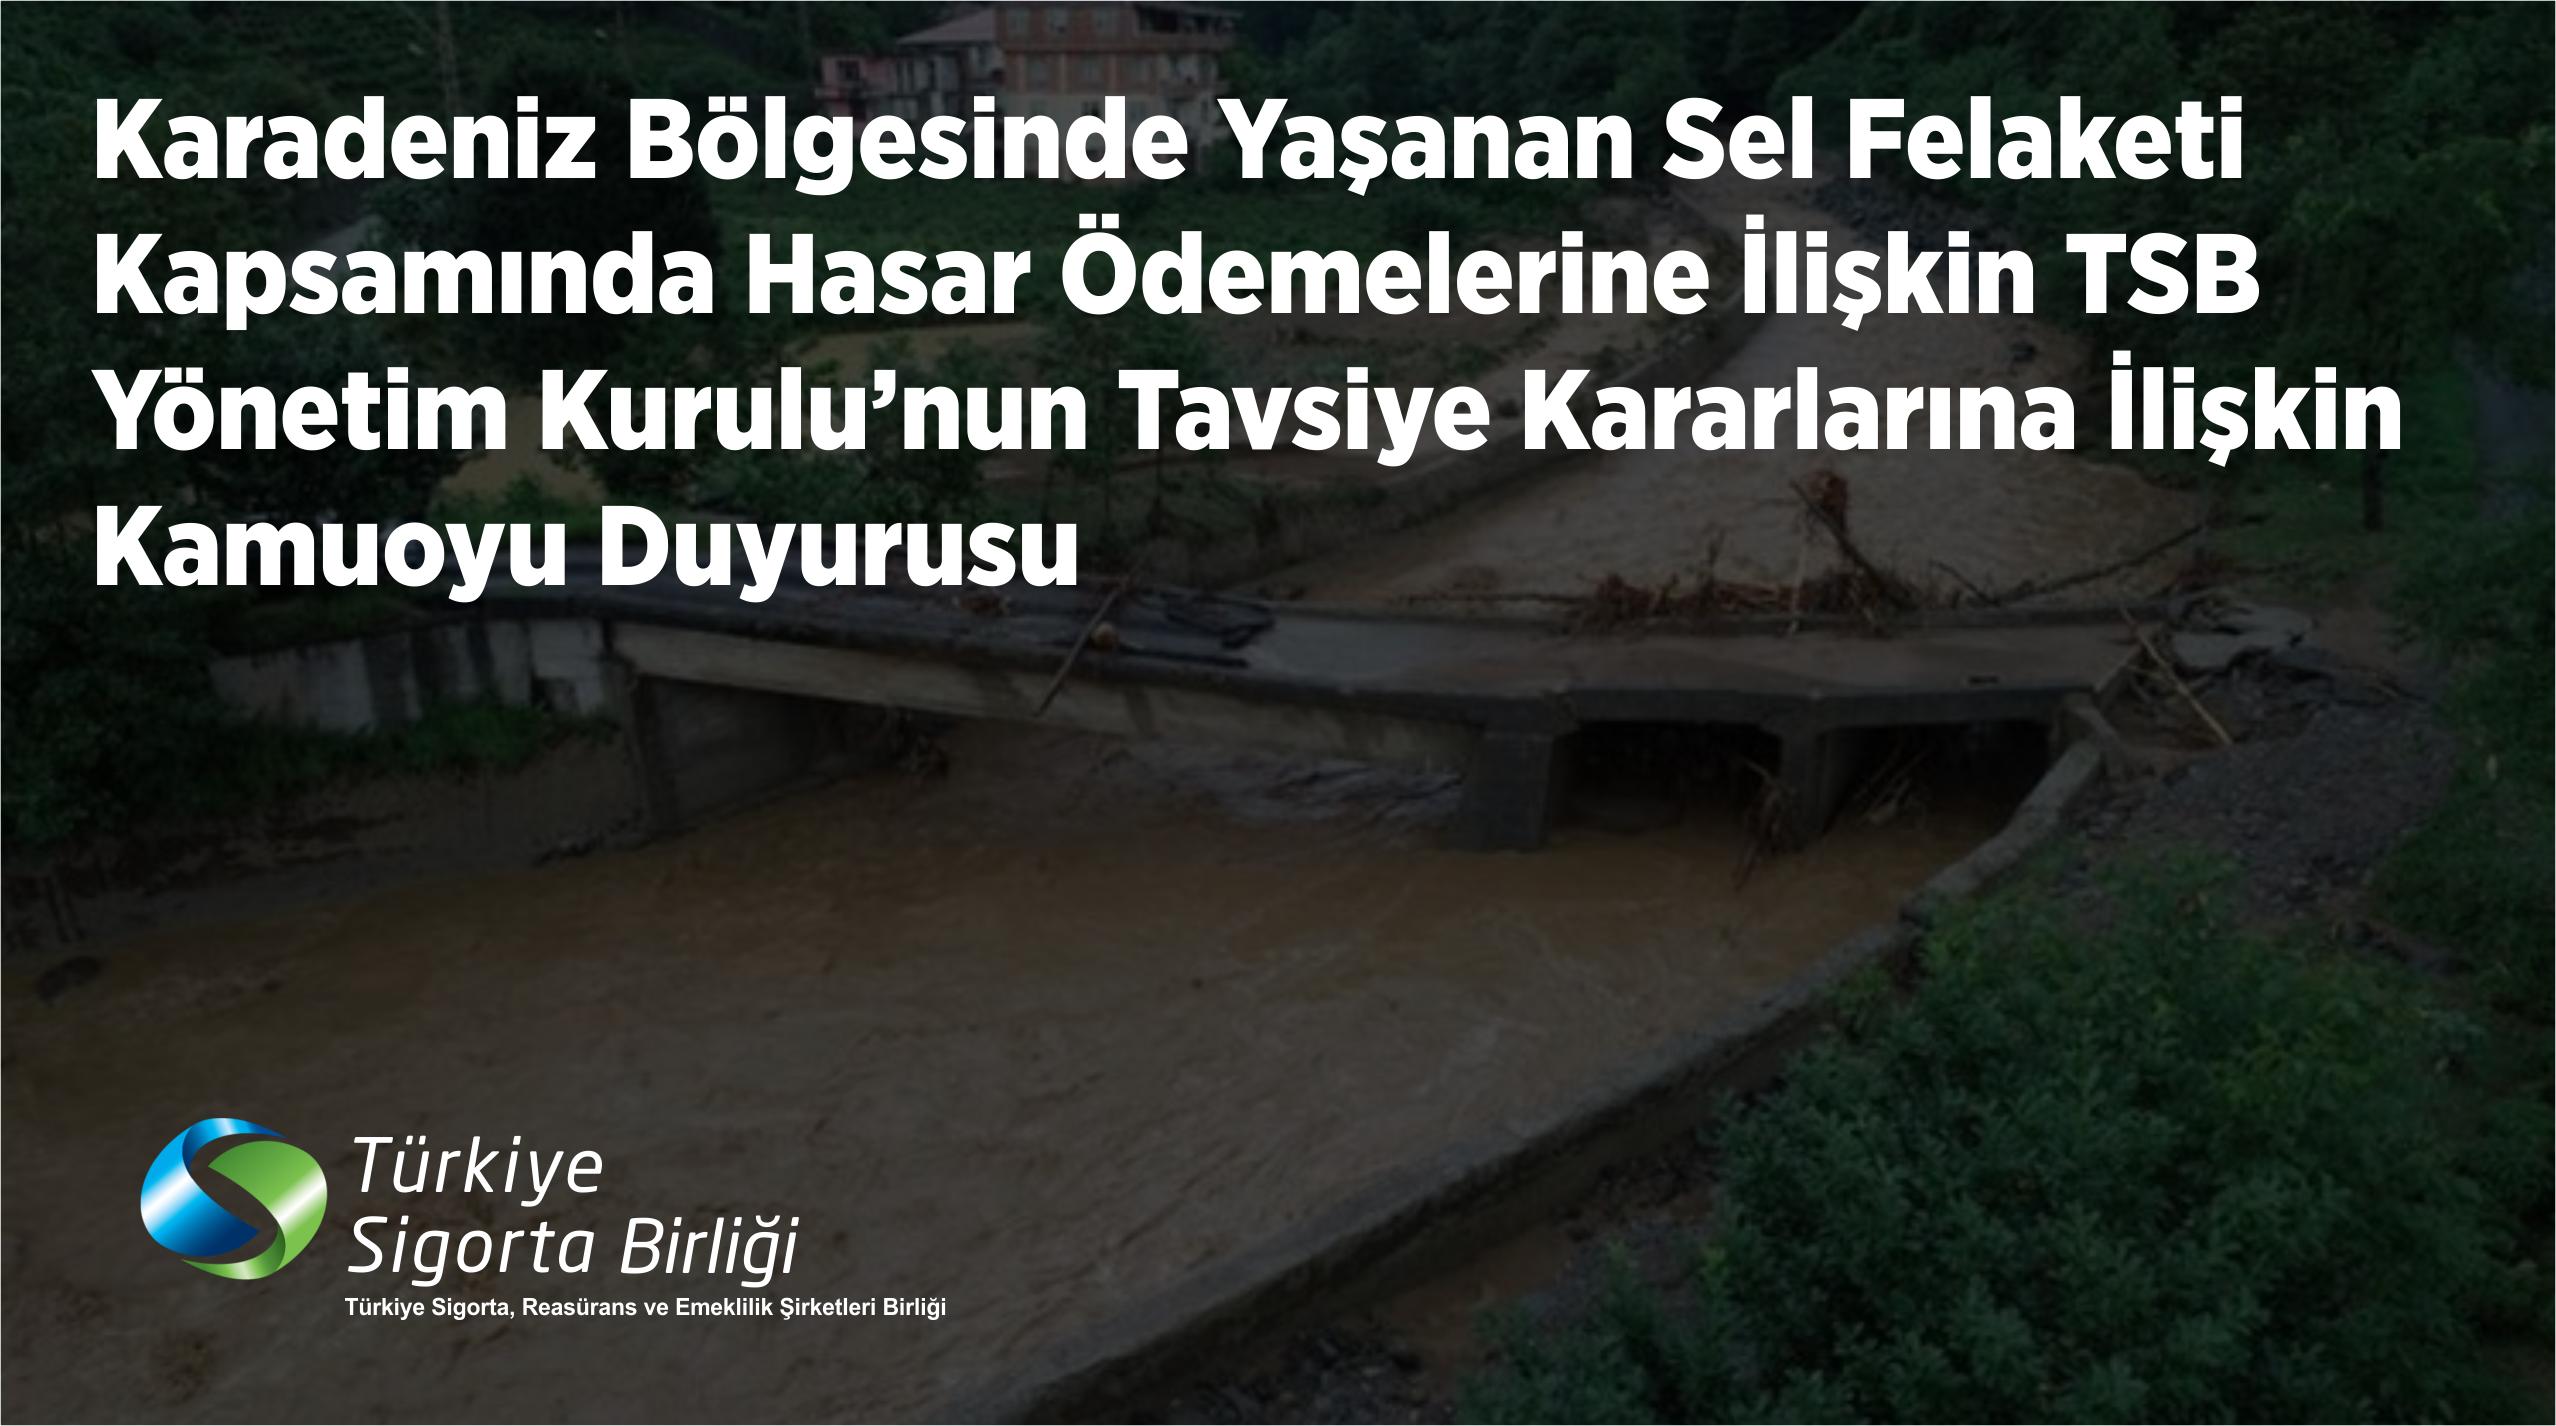 Karadeniz Bölgesinde Yaşanan Sel Felaketi Kapsamında Hasar Ödemelerine İlişkin TSB Yönetim Kurulu'nun Tavsiye Kararlarına İlişkin Kamuoyu Duyurusu